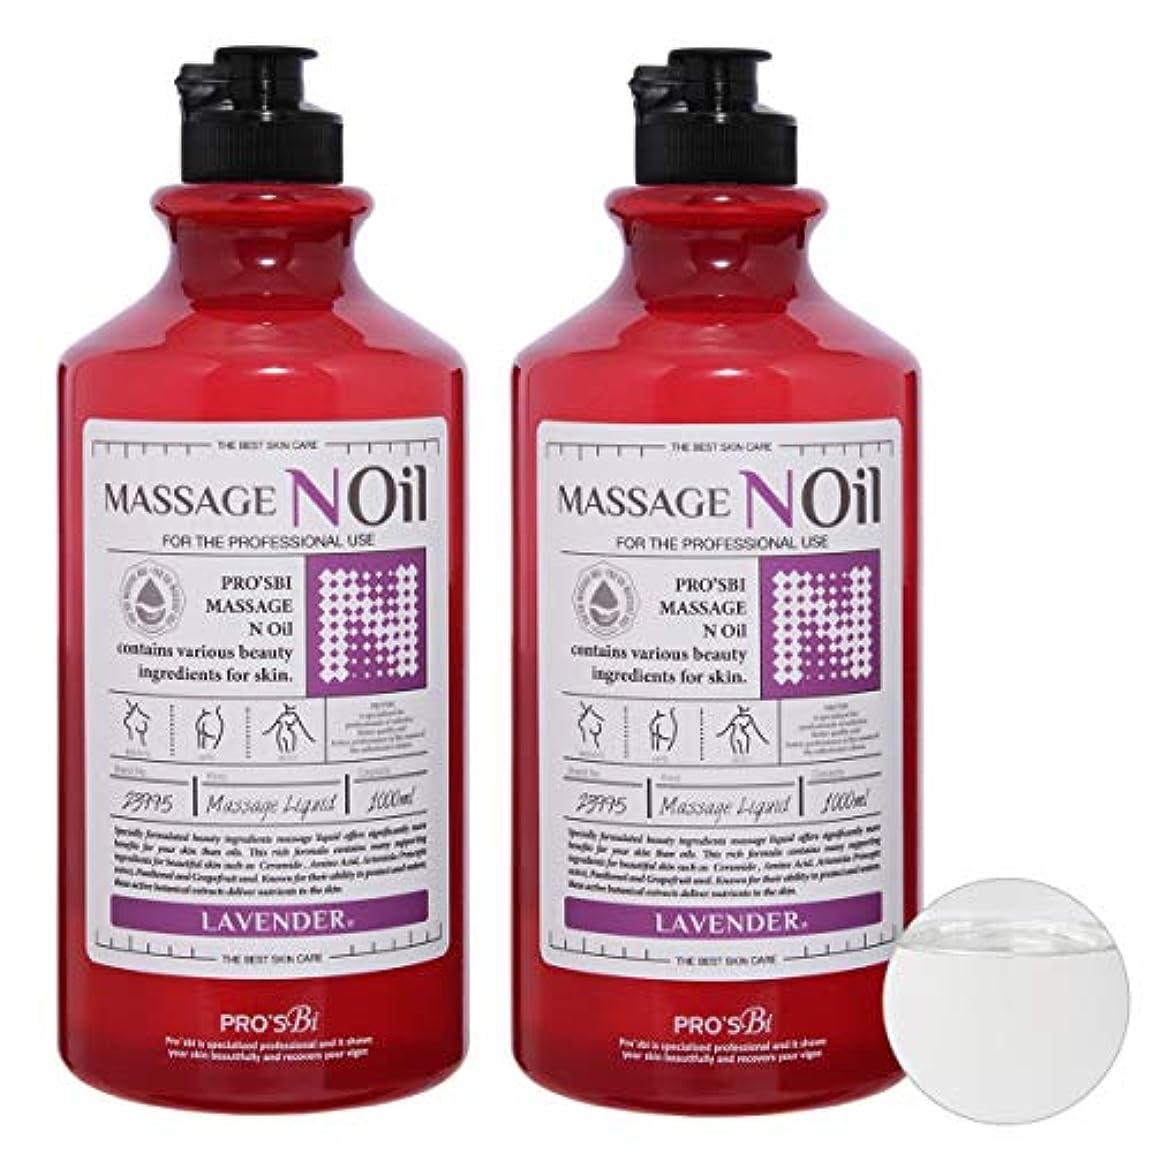 間均等にとにかく< プロズビ> マッサージノイル ラベンダー 1L (2個セット) [ オイルフリー マッサージオイル マッサージジェル ボディマッサージオイル ボディオイル アロママッサージオイル マッサージリキッド グリセリン 水溶性 敏感肌 業務用 ]